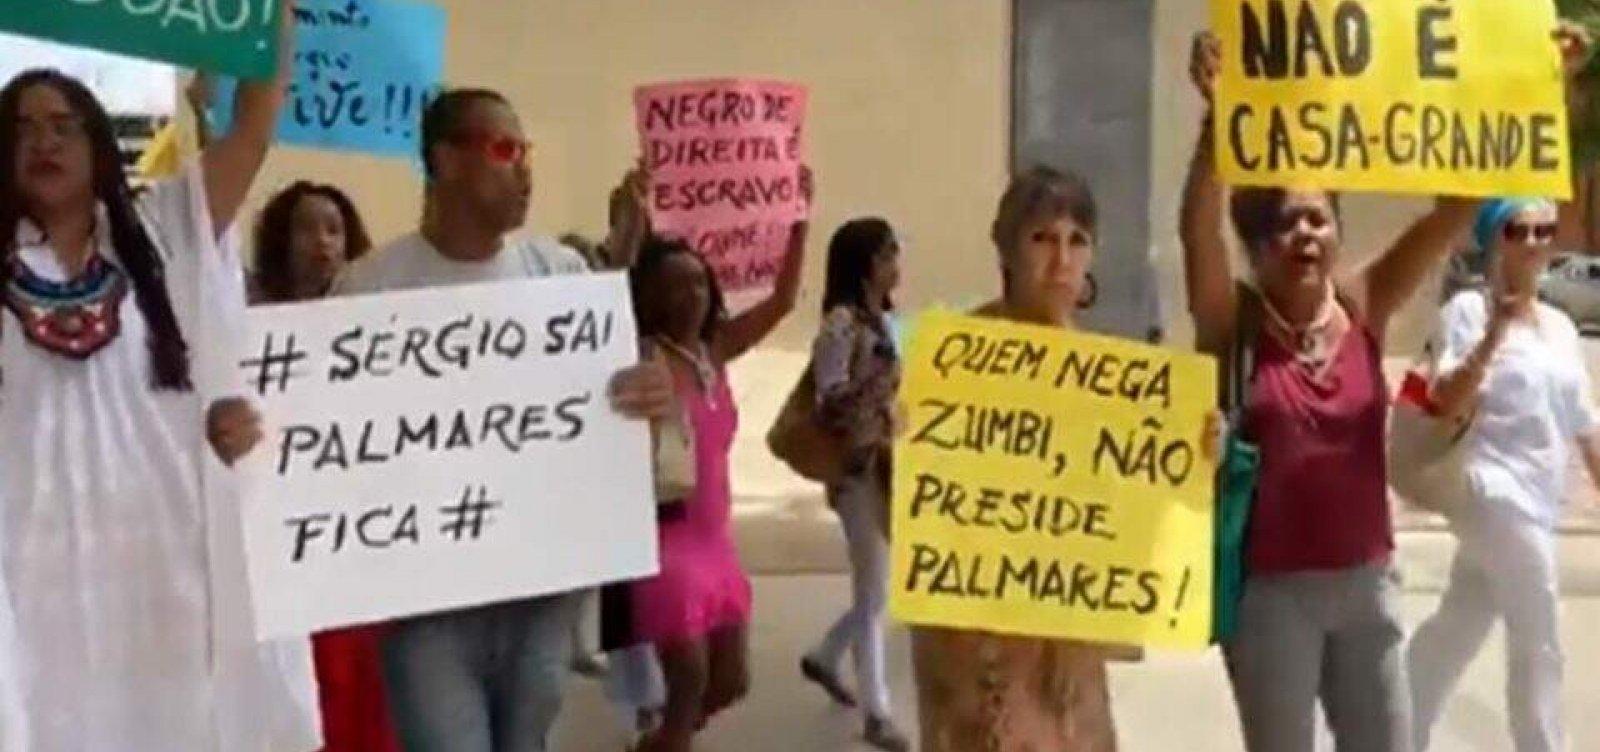 Manifestantes fazem protesto na Fundação Palmares contra novo presidente